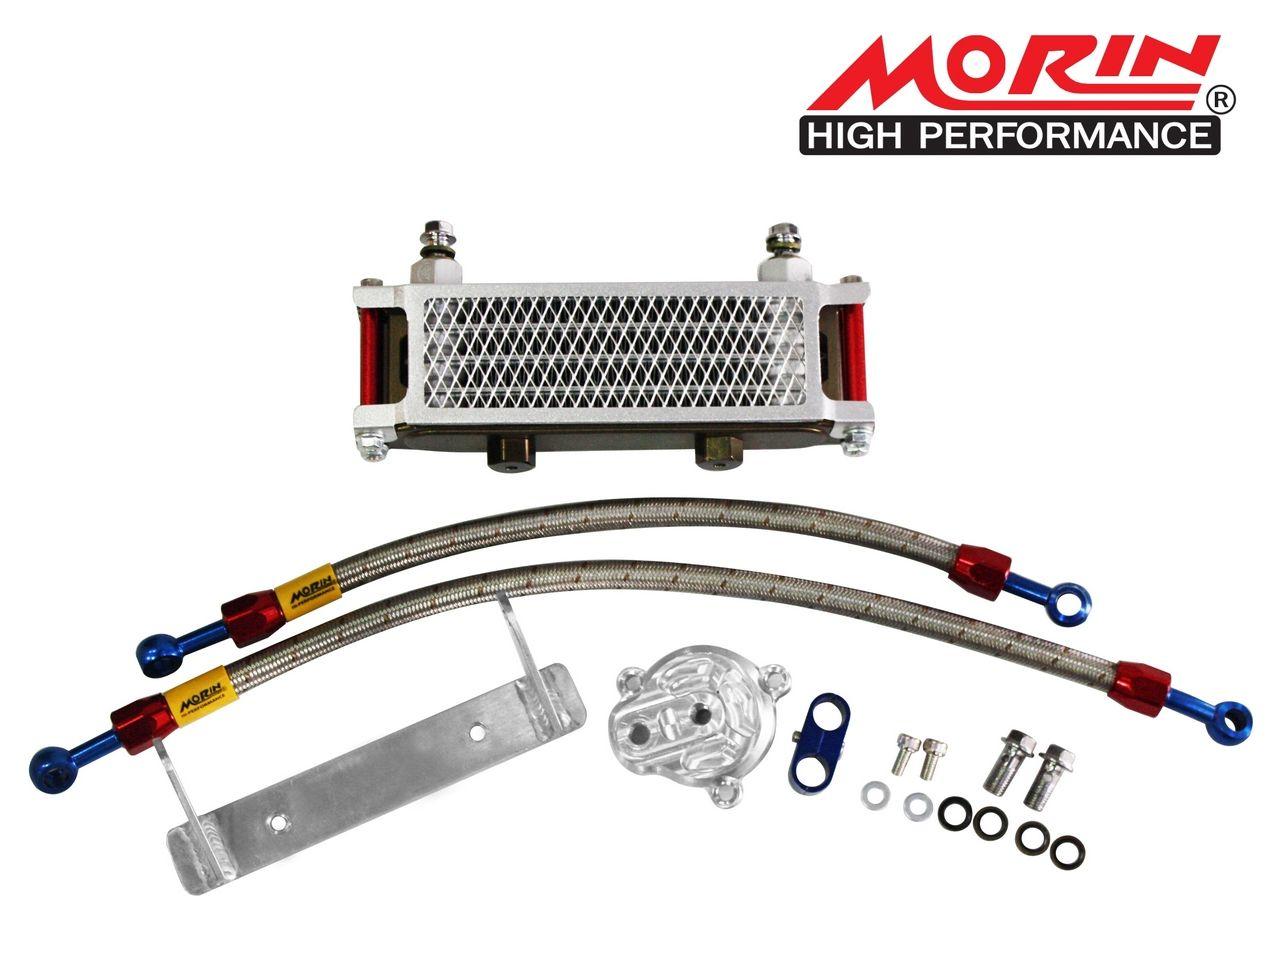 【MORIN】機油冷卻器套件